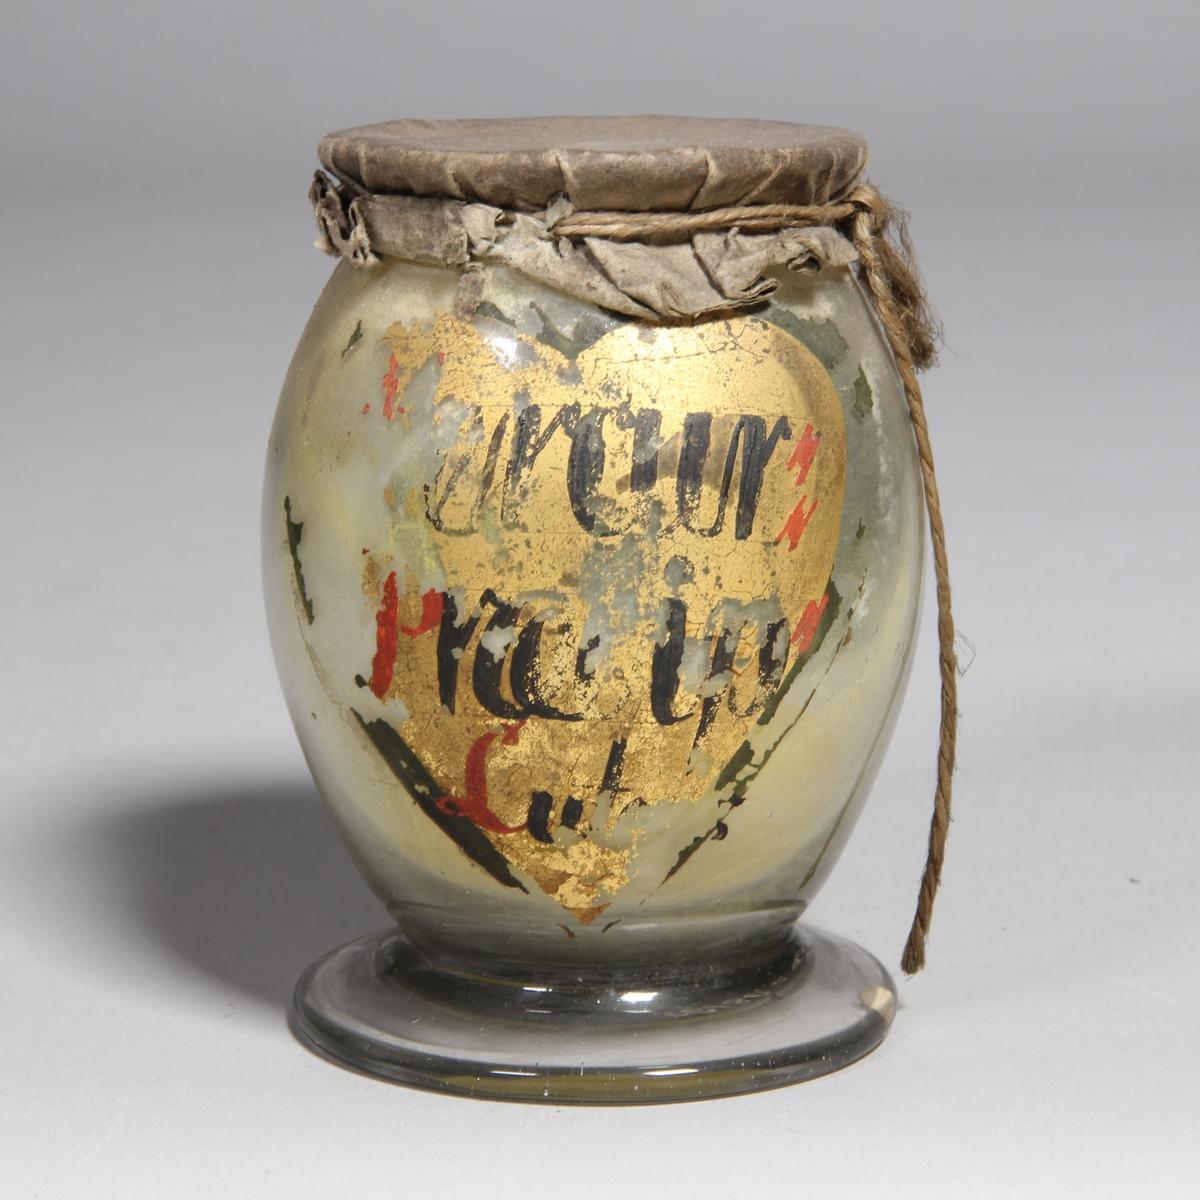 Burk av klart glas. Rundad med utvikt fot, överbundet lock av papper och fäst med snöre. Två målade etiketter, den ena  hjärtformad med text, den andra utan text. Innehåller gult pulver.